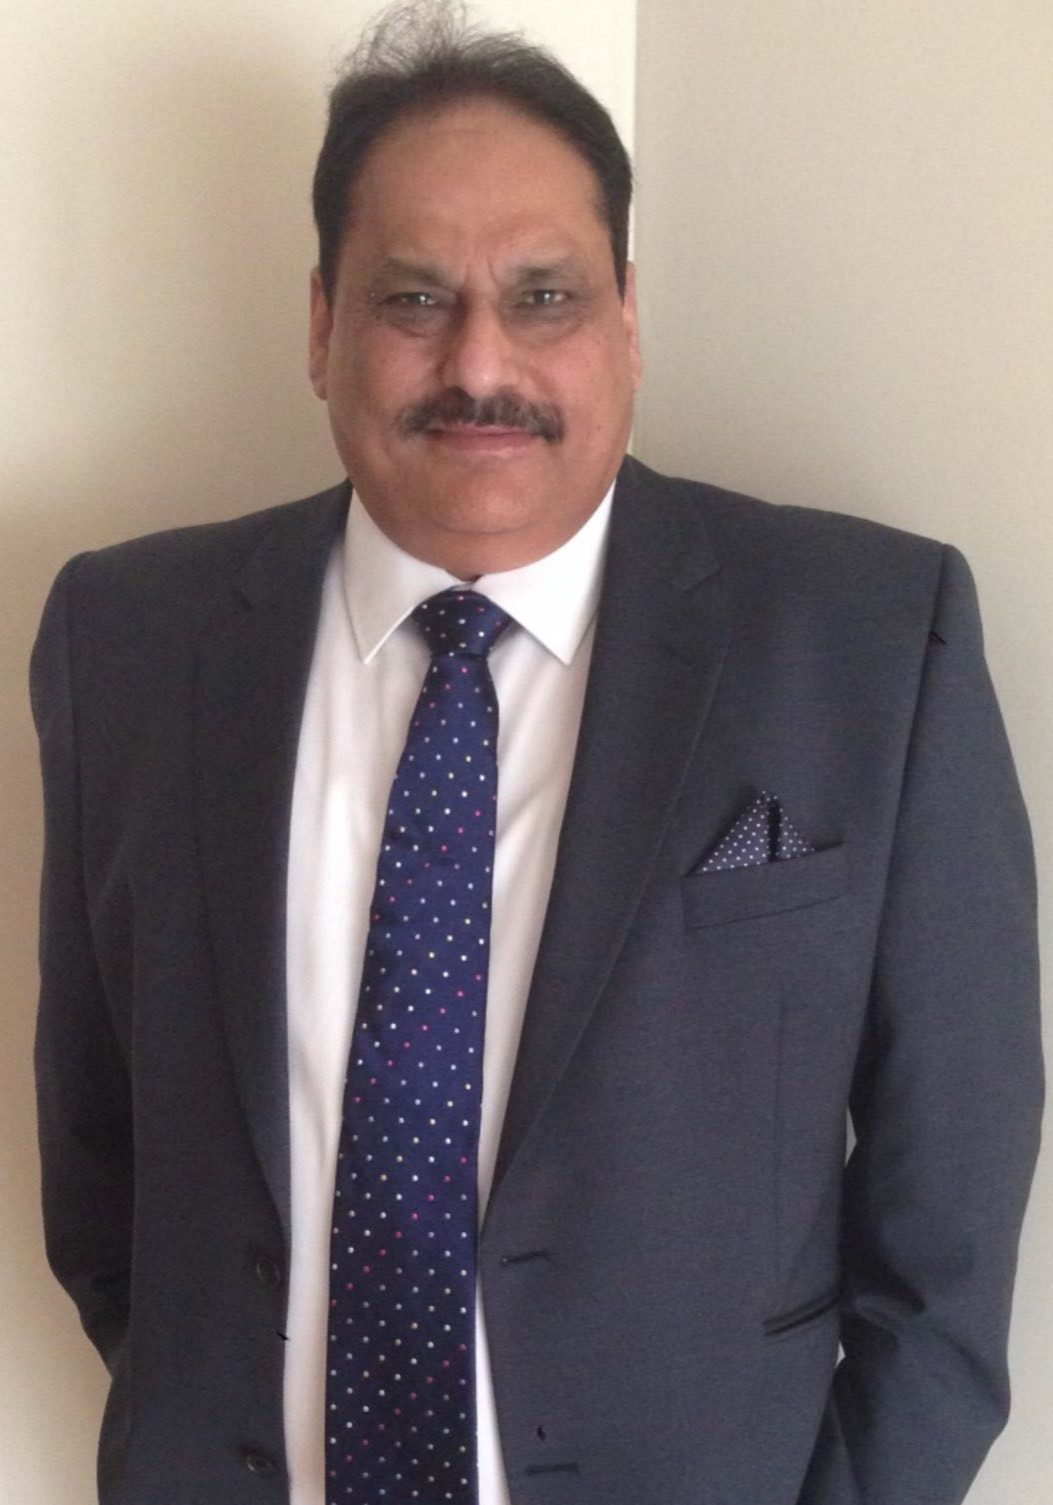 Bhushan Vij